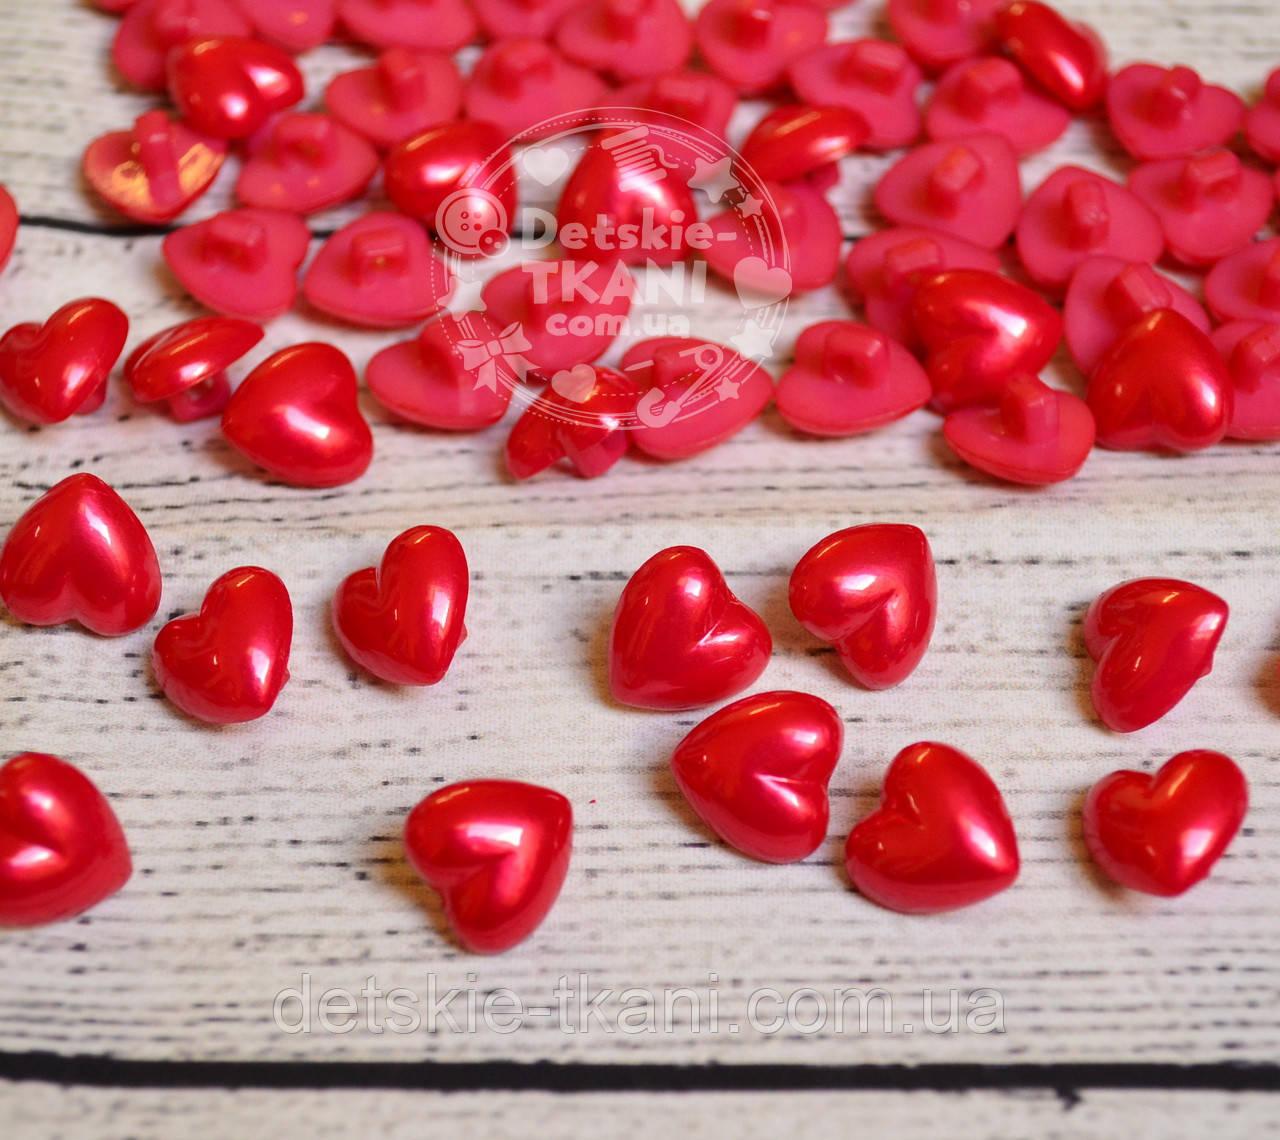 Пуговицы в форме сердечек, перламутровые, на ножке 12 мм